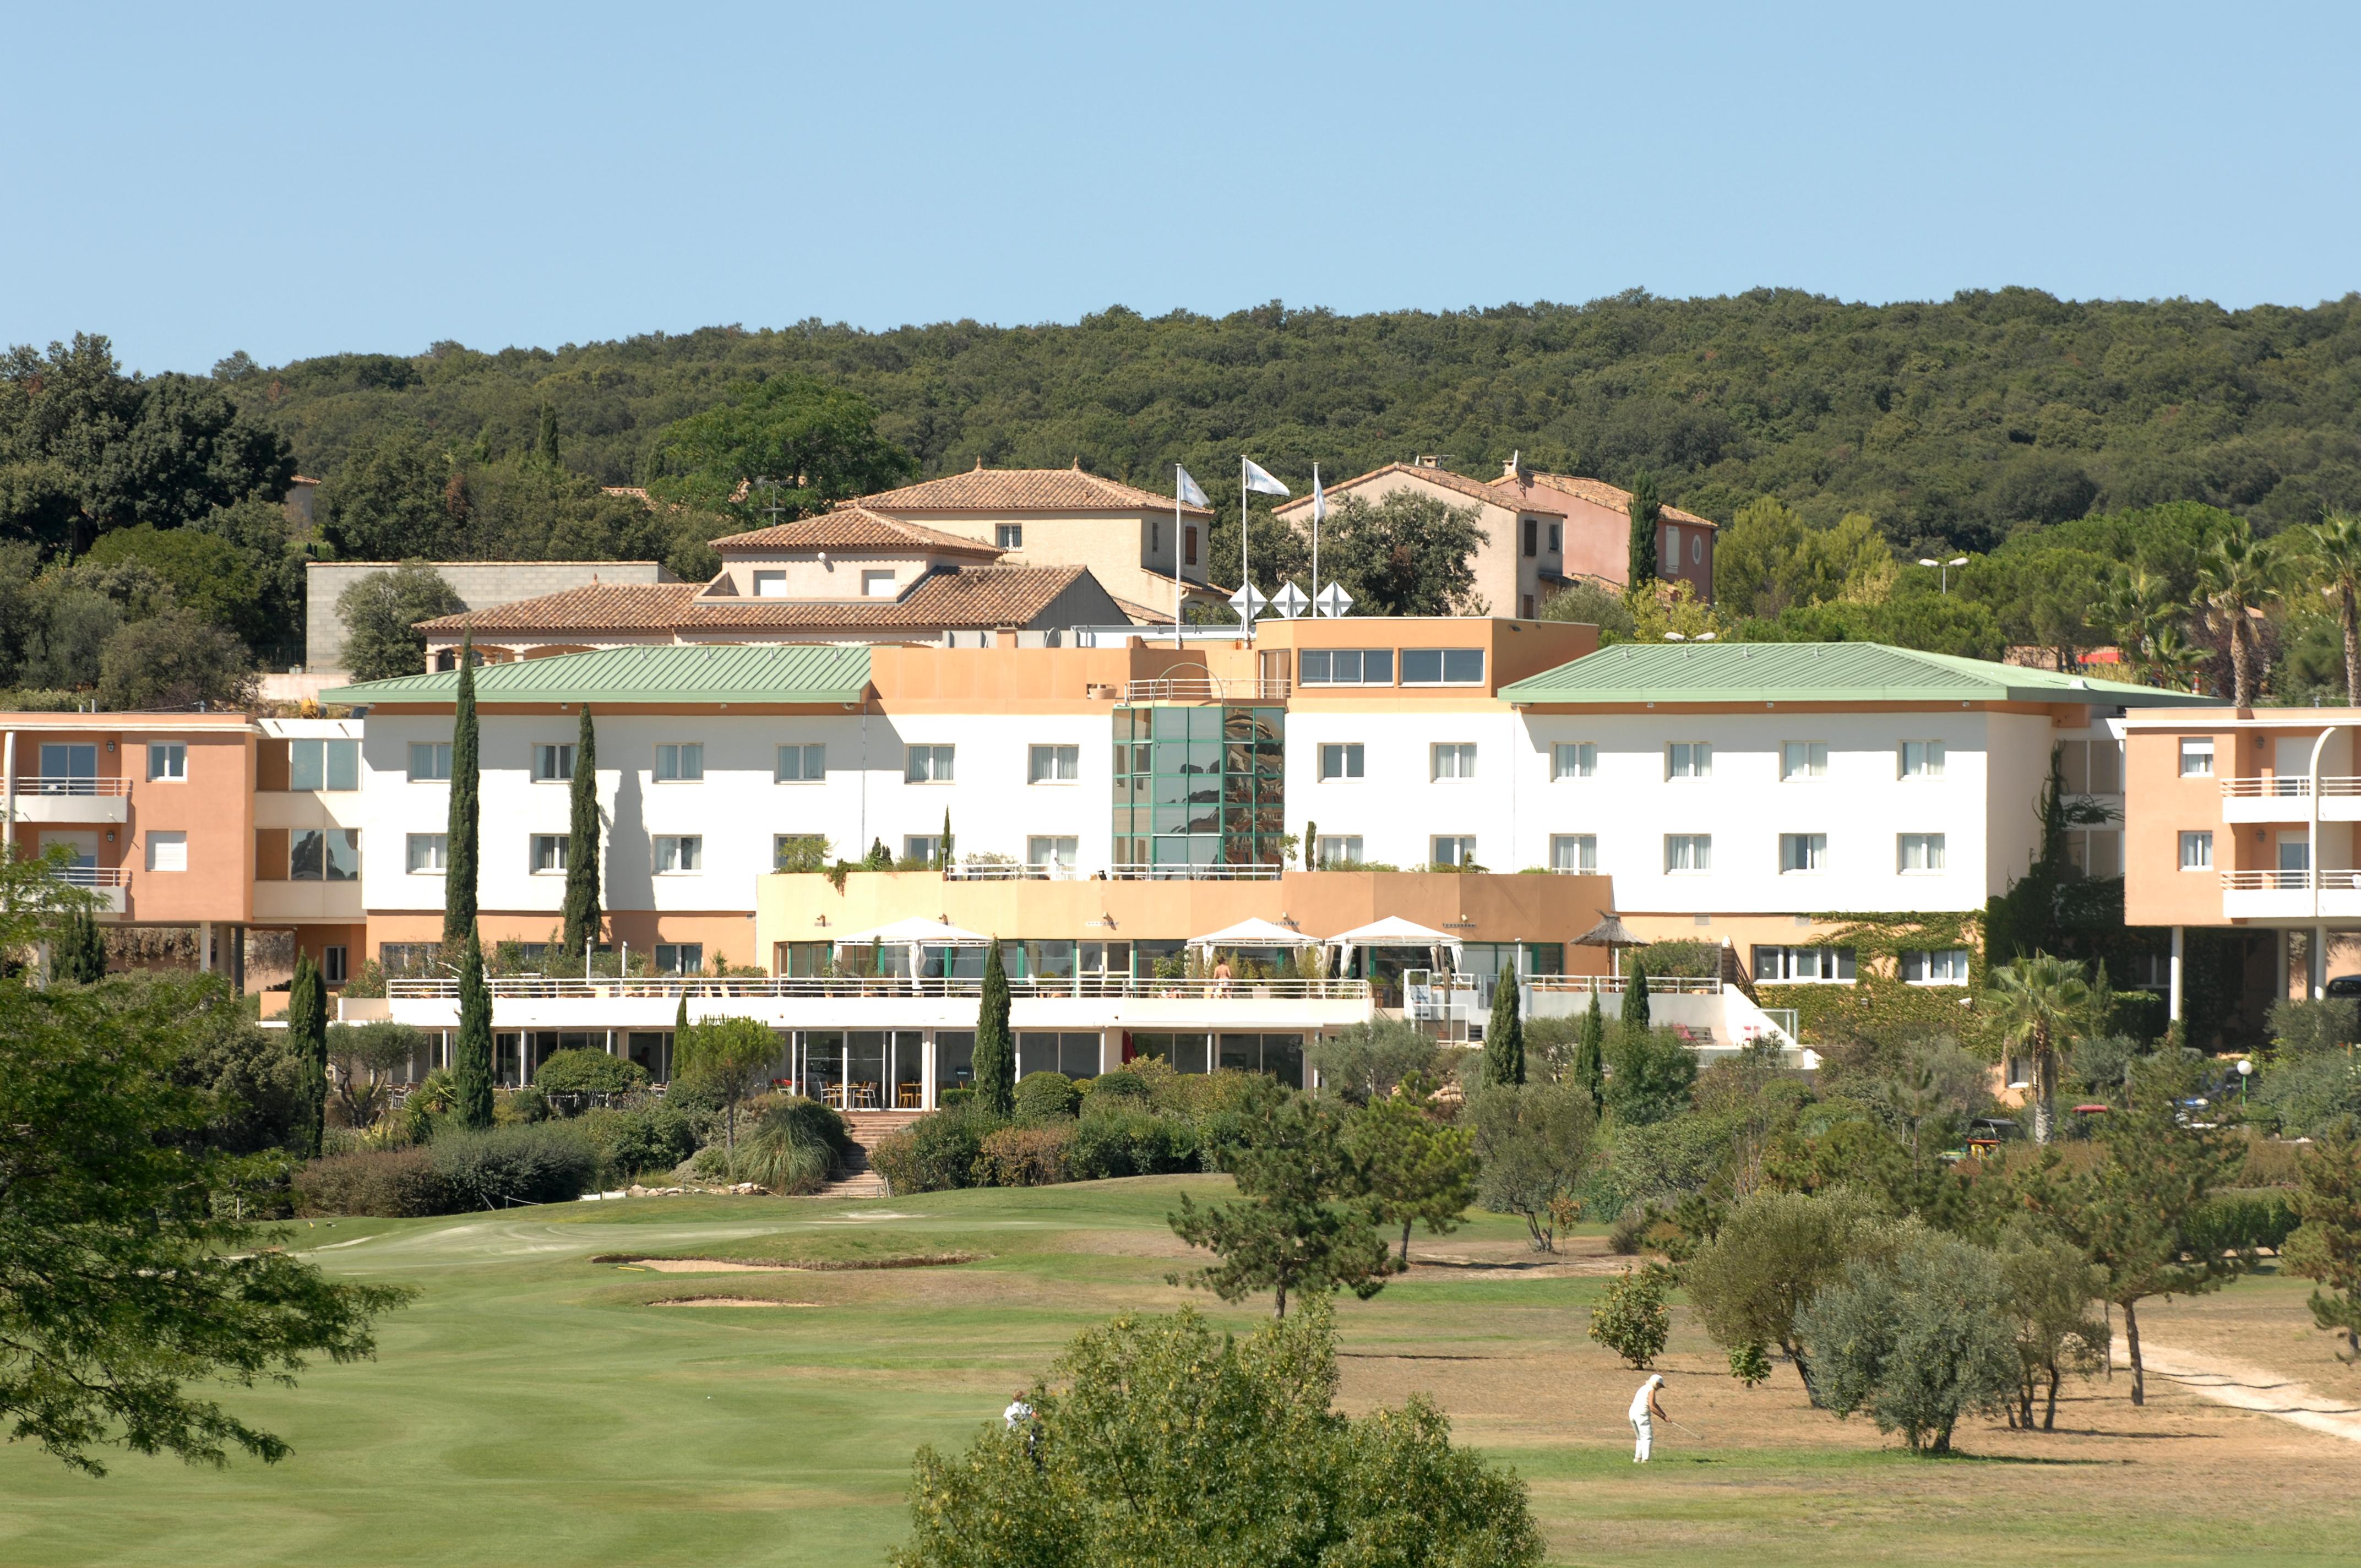 residence de tourisme-Résidence de tourisme Le Fairway